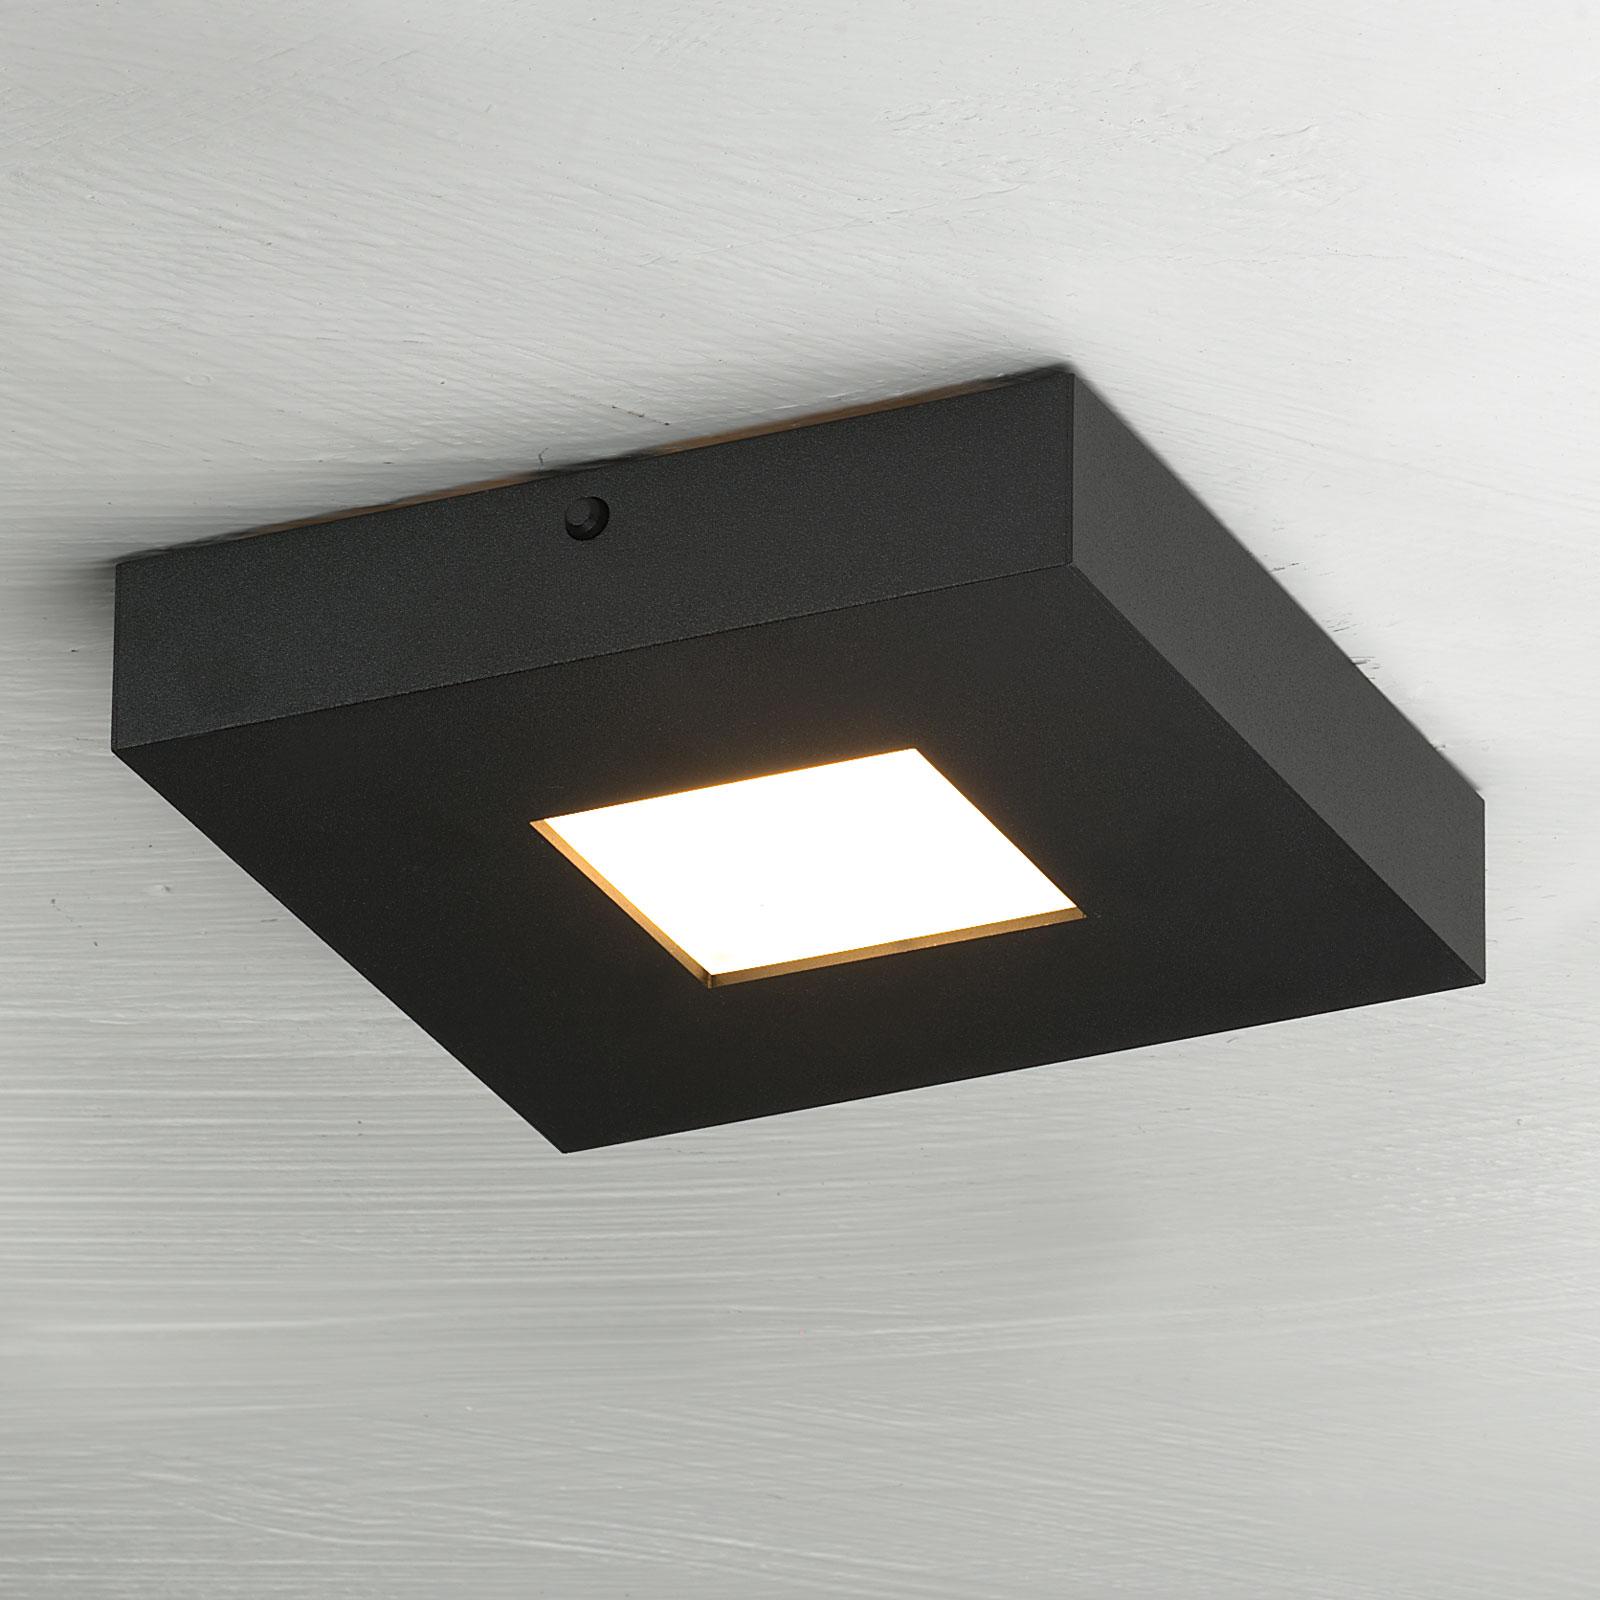 LED-taklampa Cubus i svart